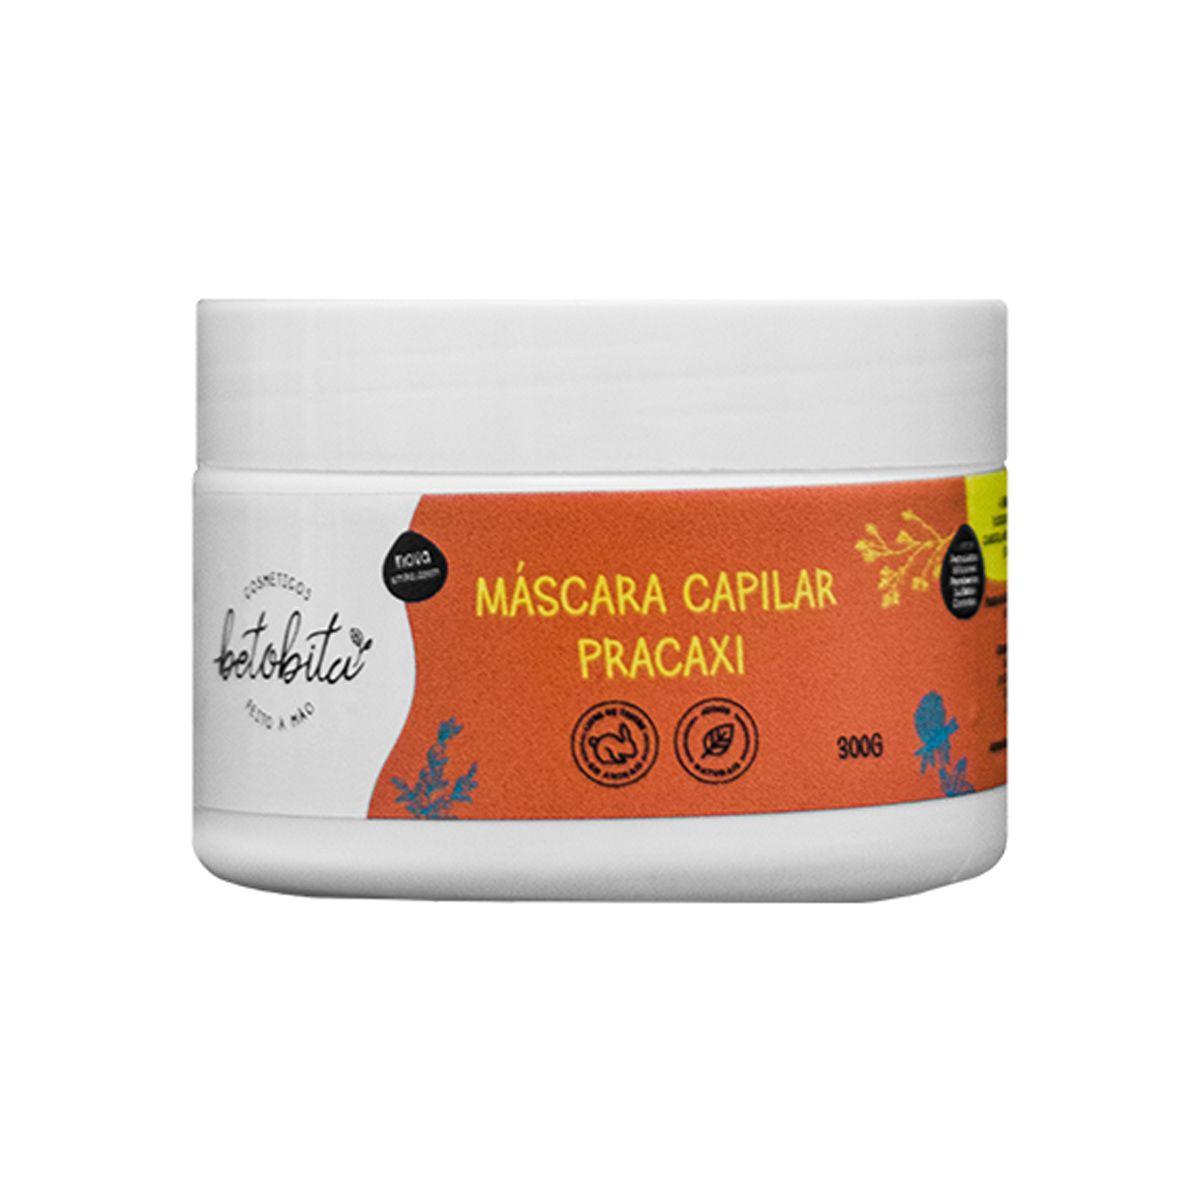 Máscara Capilar - Pracaxi - BetoBita - 300g